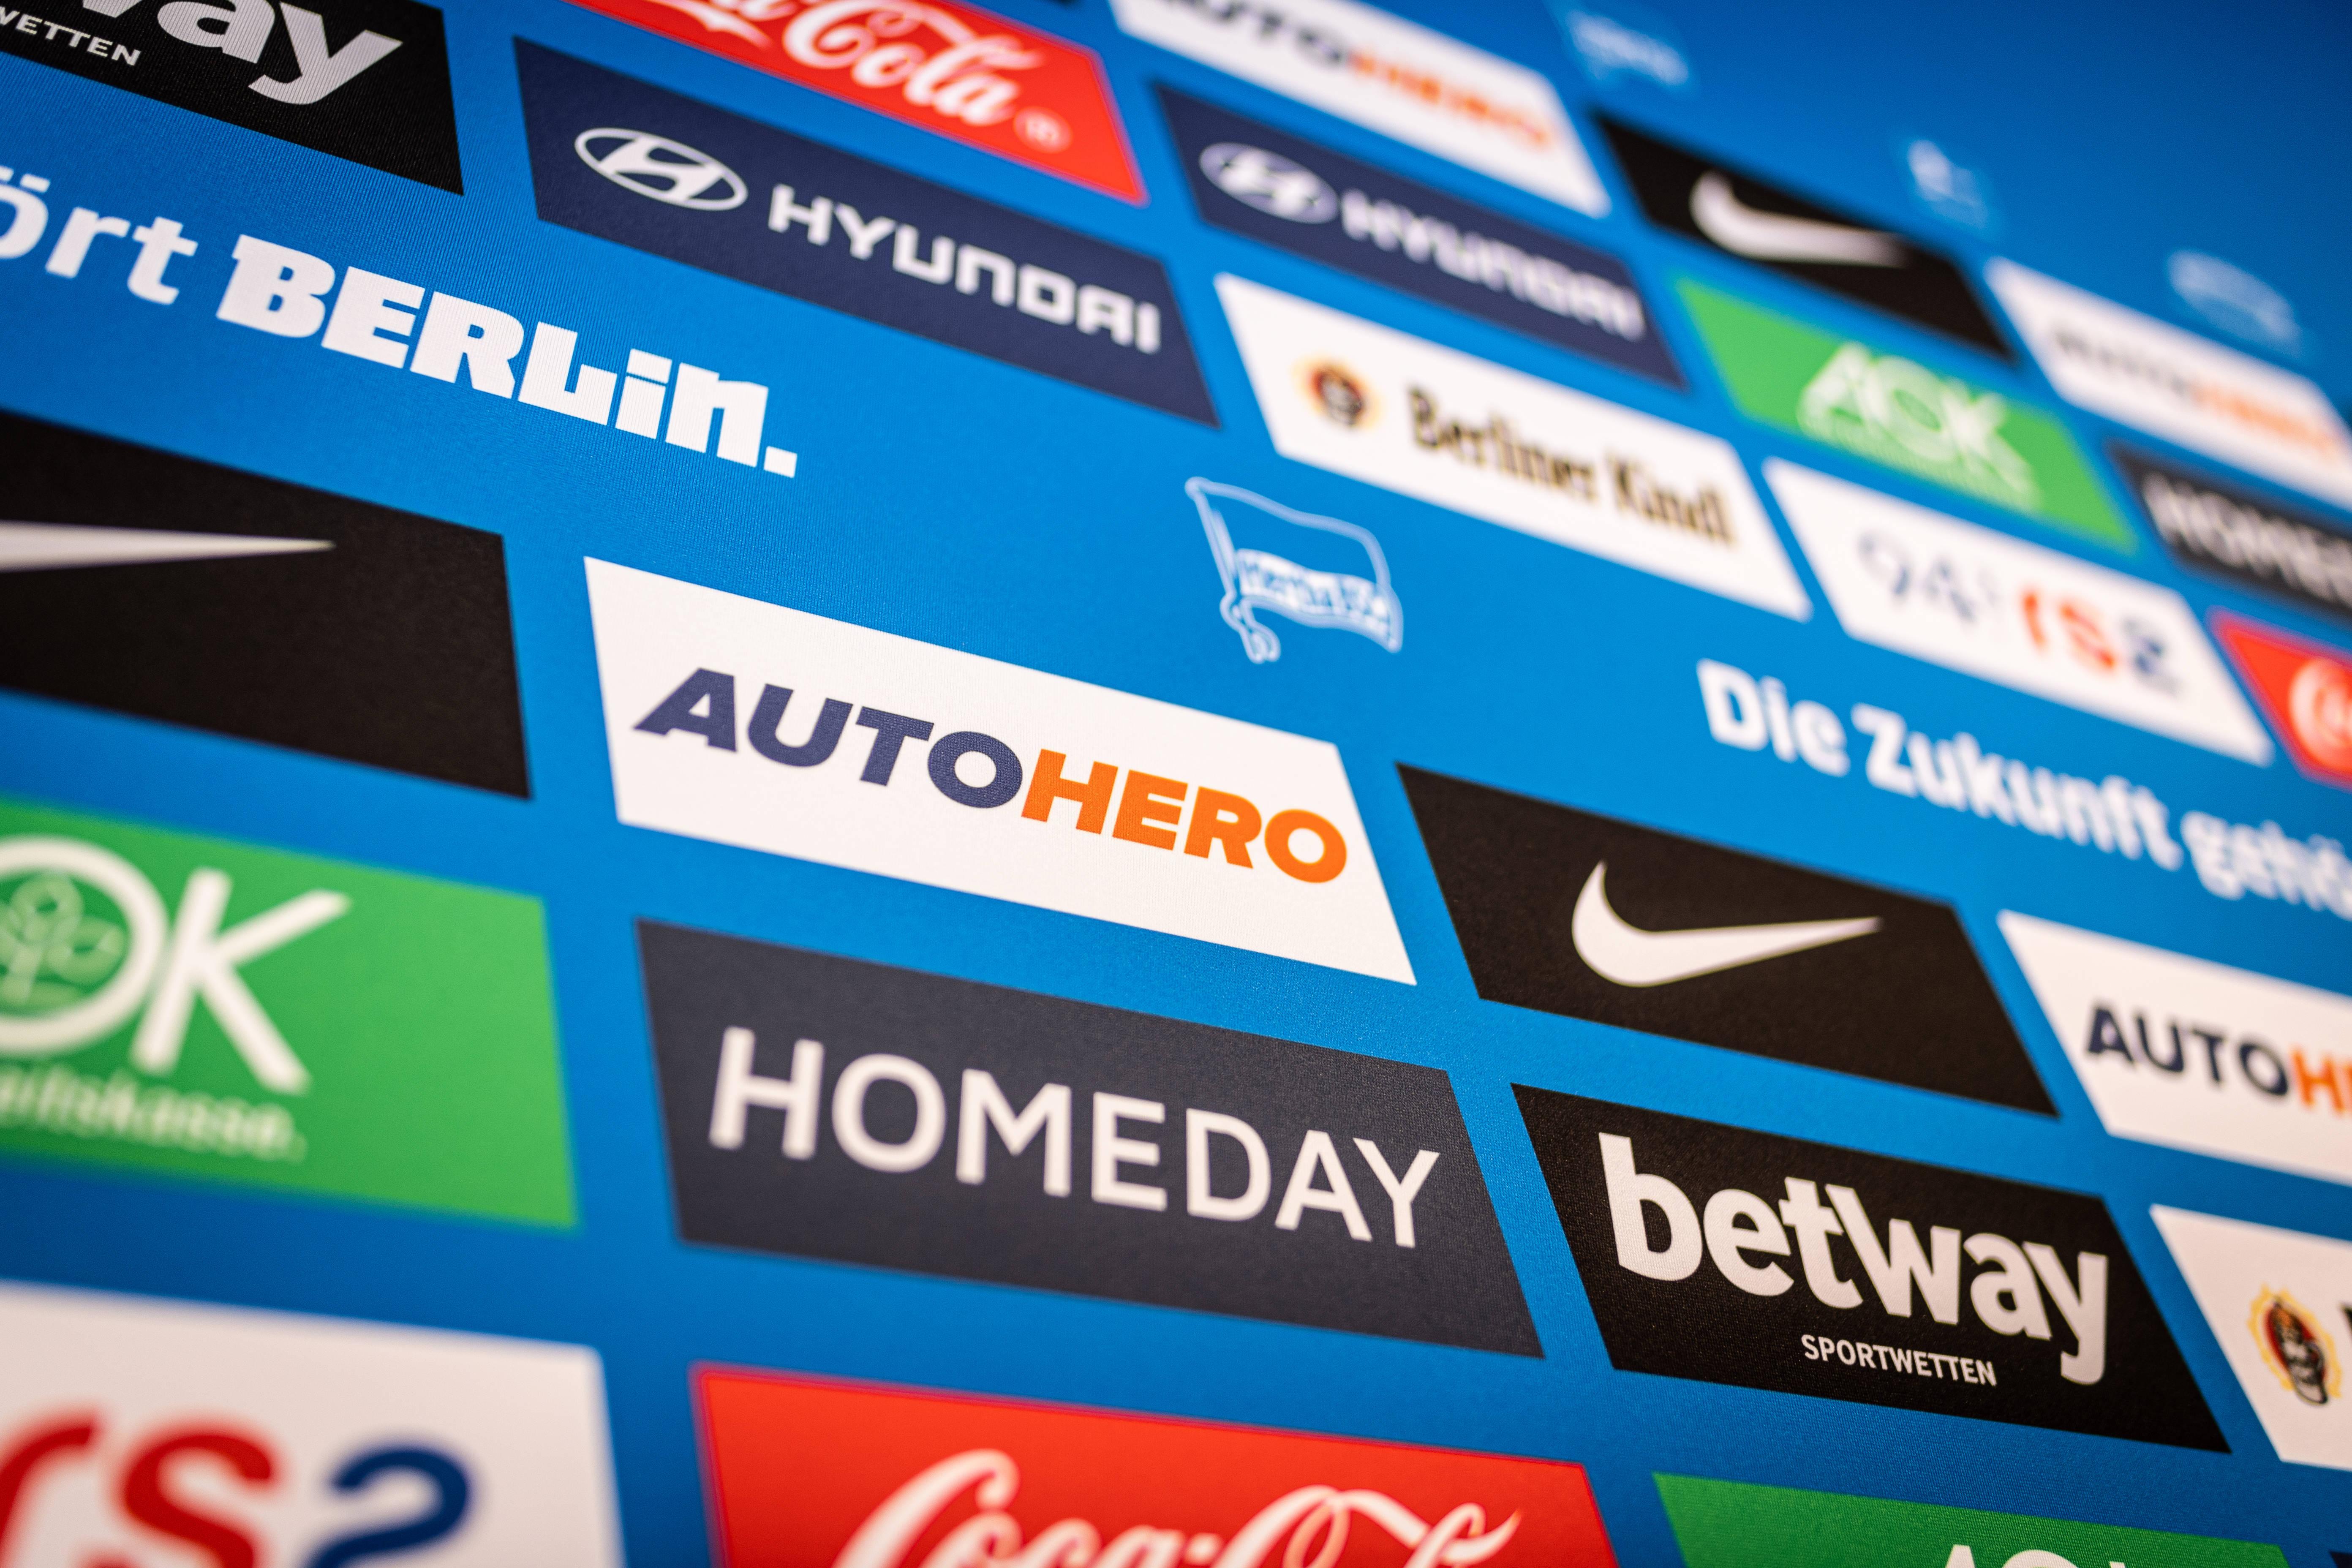 Sponsoren-Rückwand im Medienraum von Hertha BSC